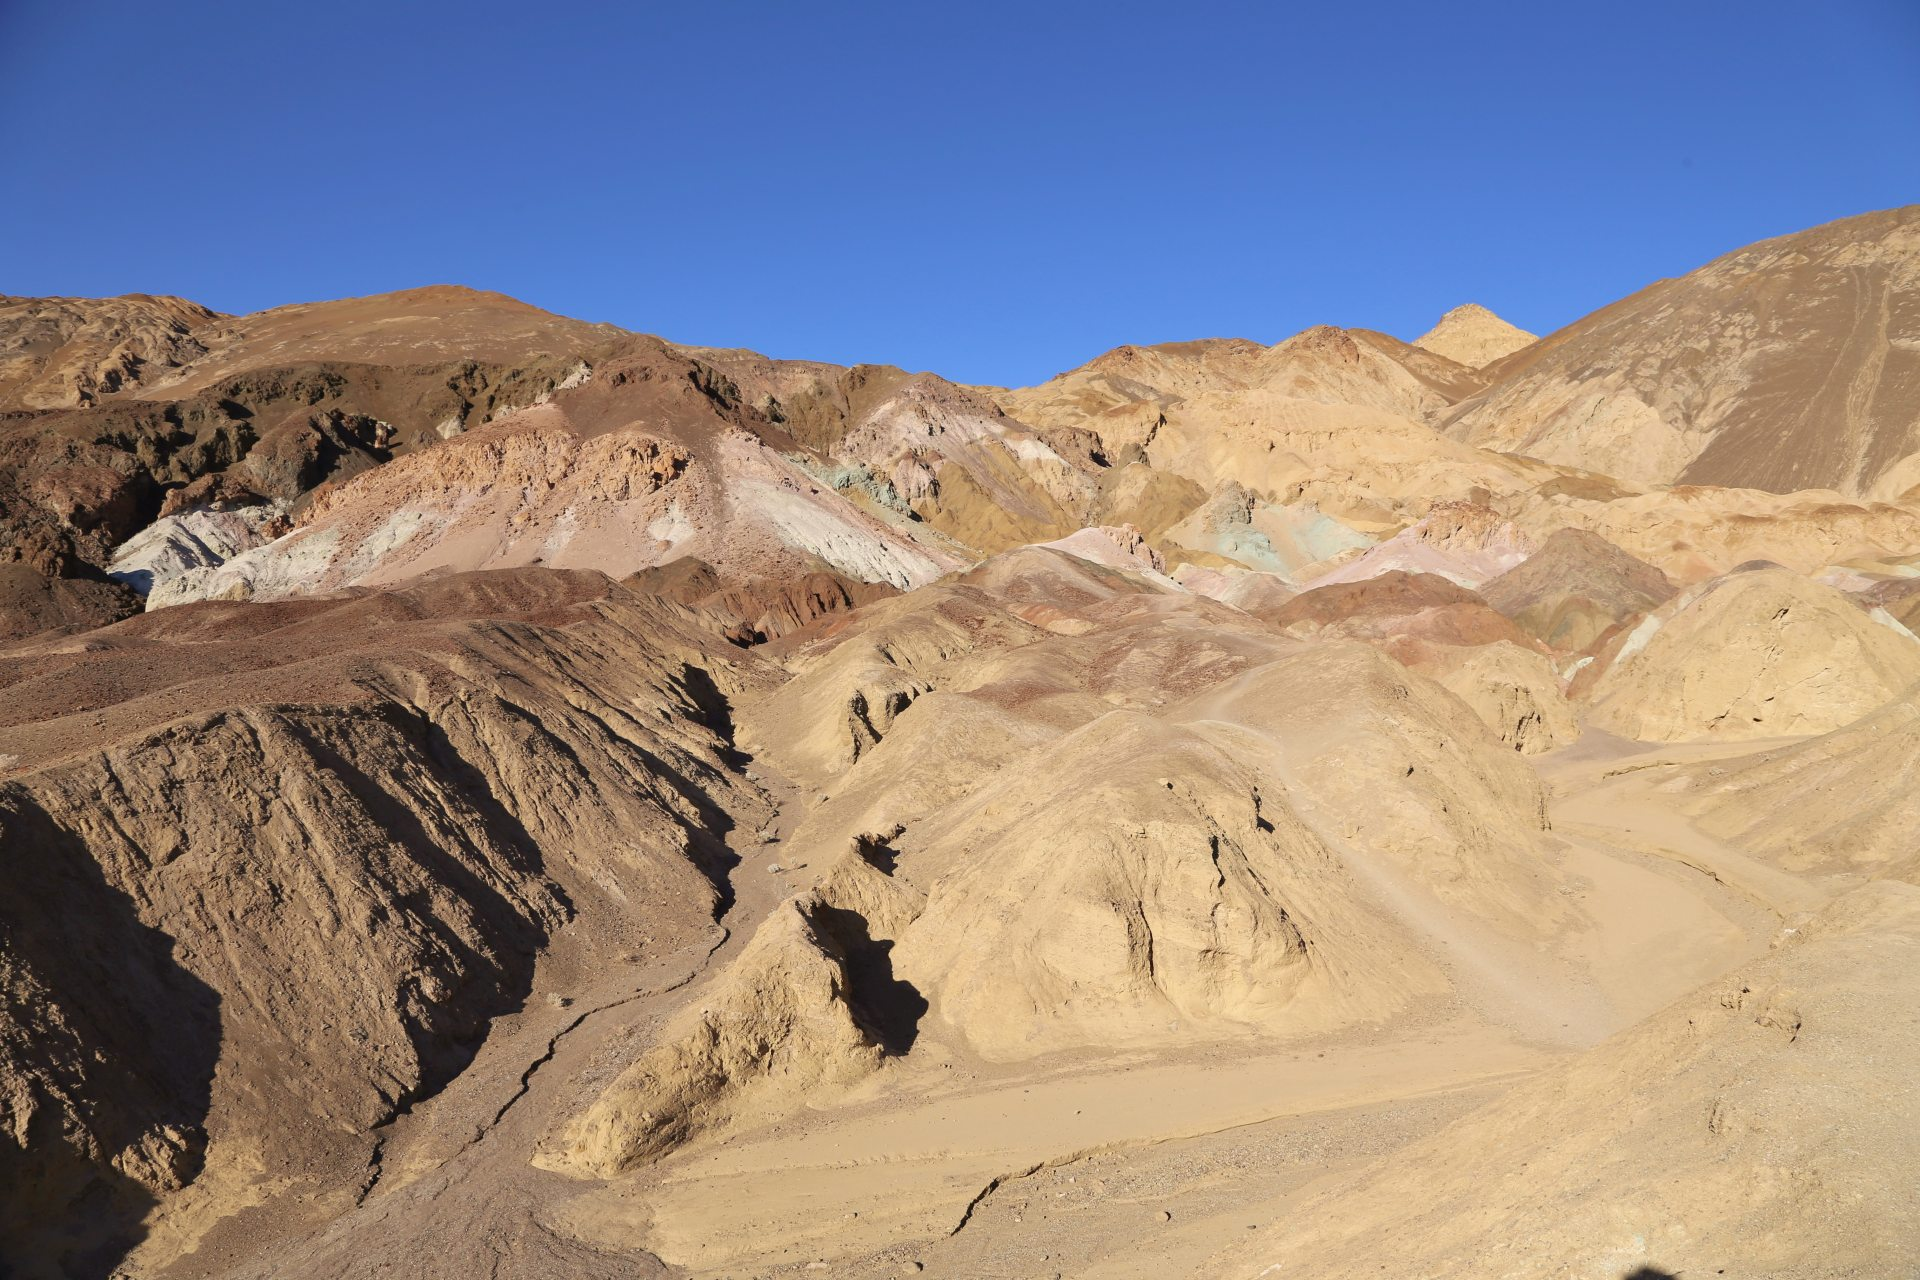 Artists Drive - Fahren ist bei so viel Schauen hier eine Kunst! - Artists Drive, Artists Palette, Death Valley National Park, Erosion, Gestein, Himmel, Kalifornien, Landschaft, Mojave-Wüste, Sandstein, Wüste - (Furnace Creek, Death Valley, California, Vereinigte Staaten)